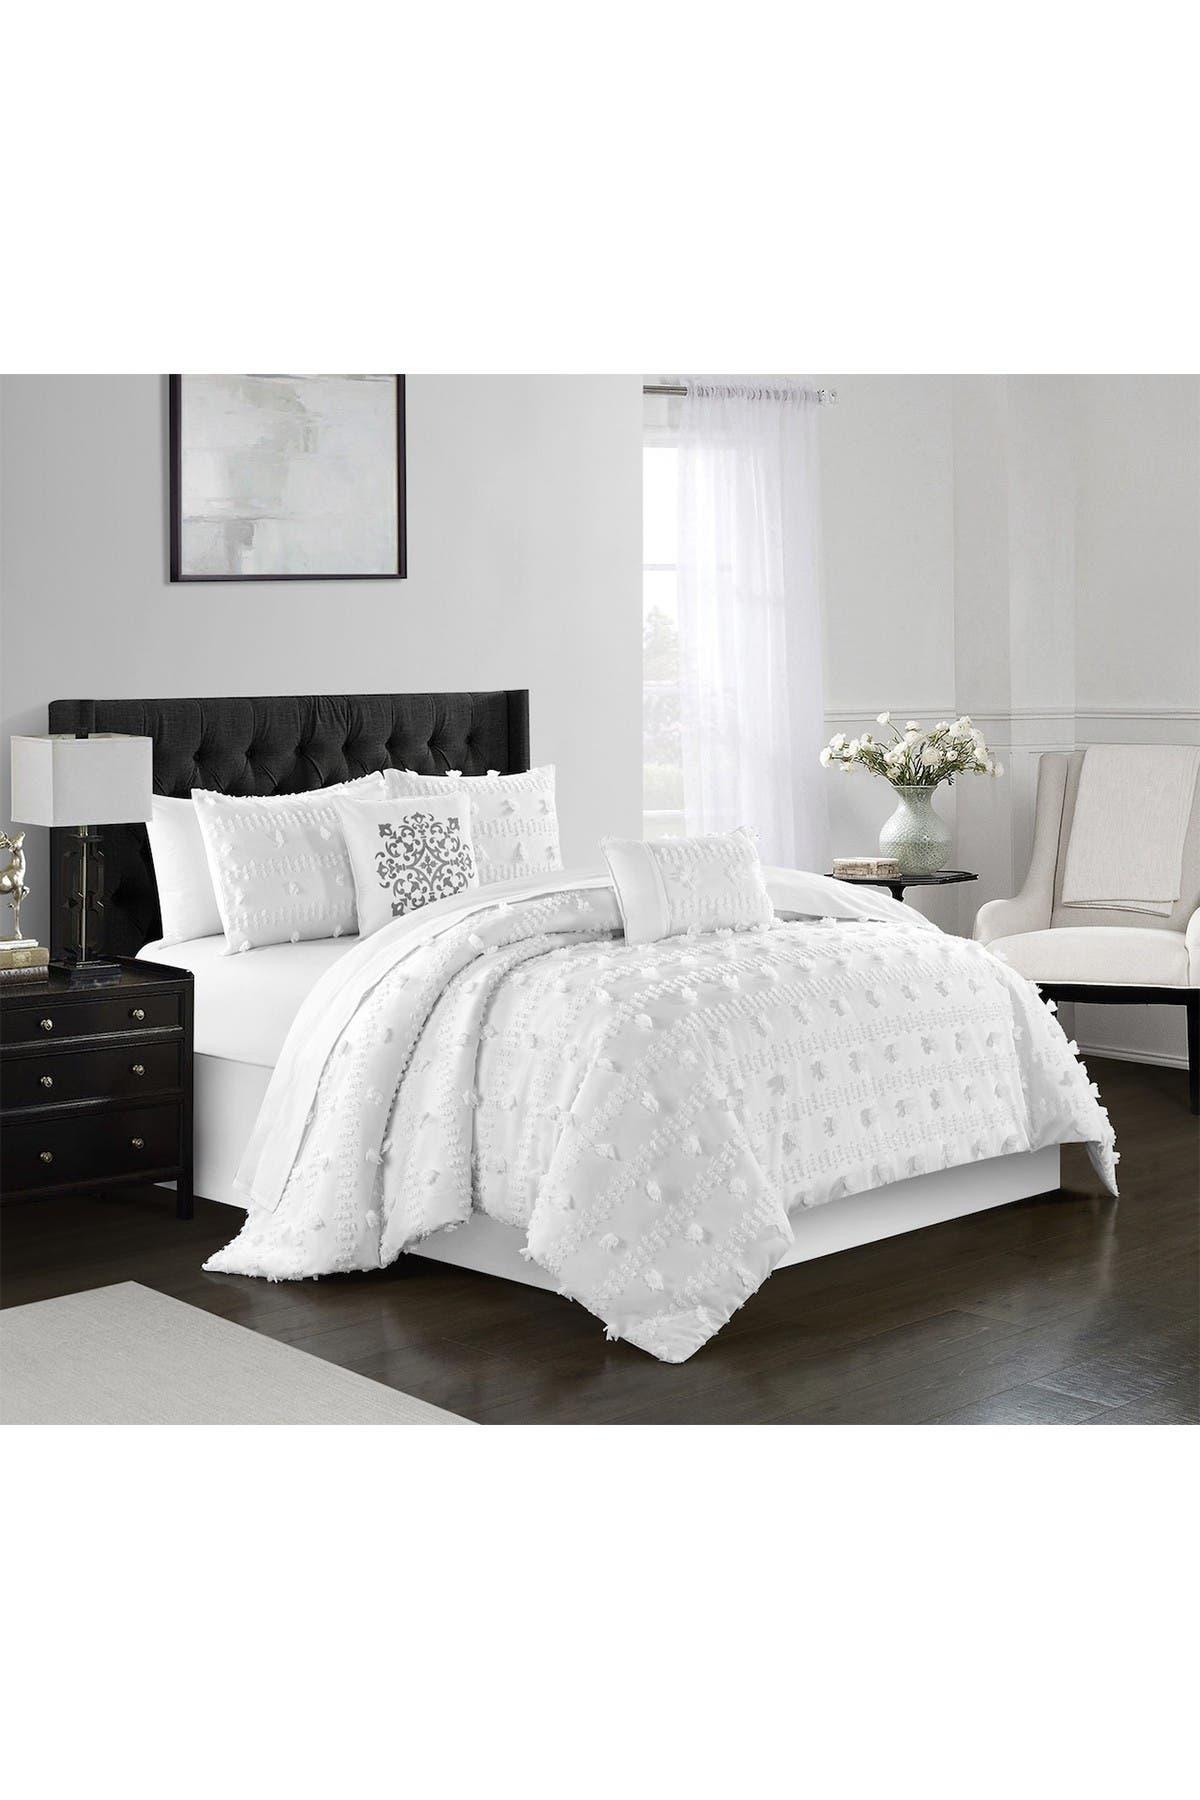 Chic Home Bedding Athisa Jacquard Floral Applique Design King Comforter Set White 5 Piece Set Nordstrom Rack